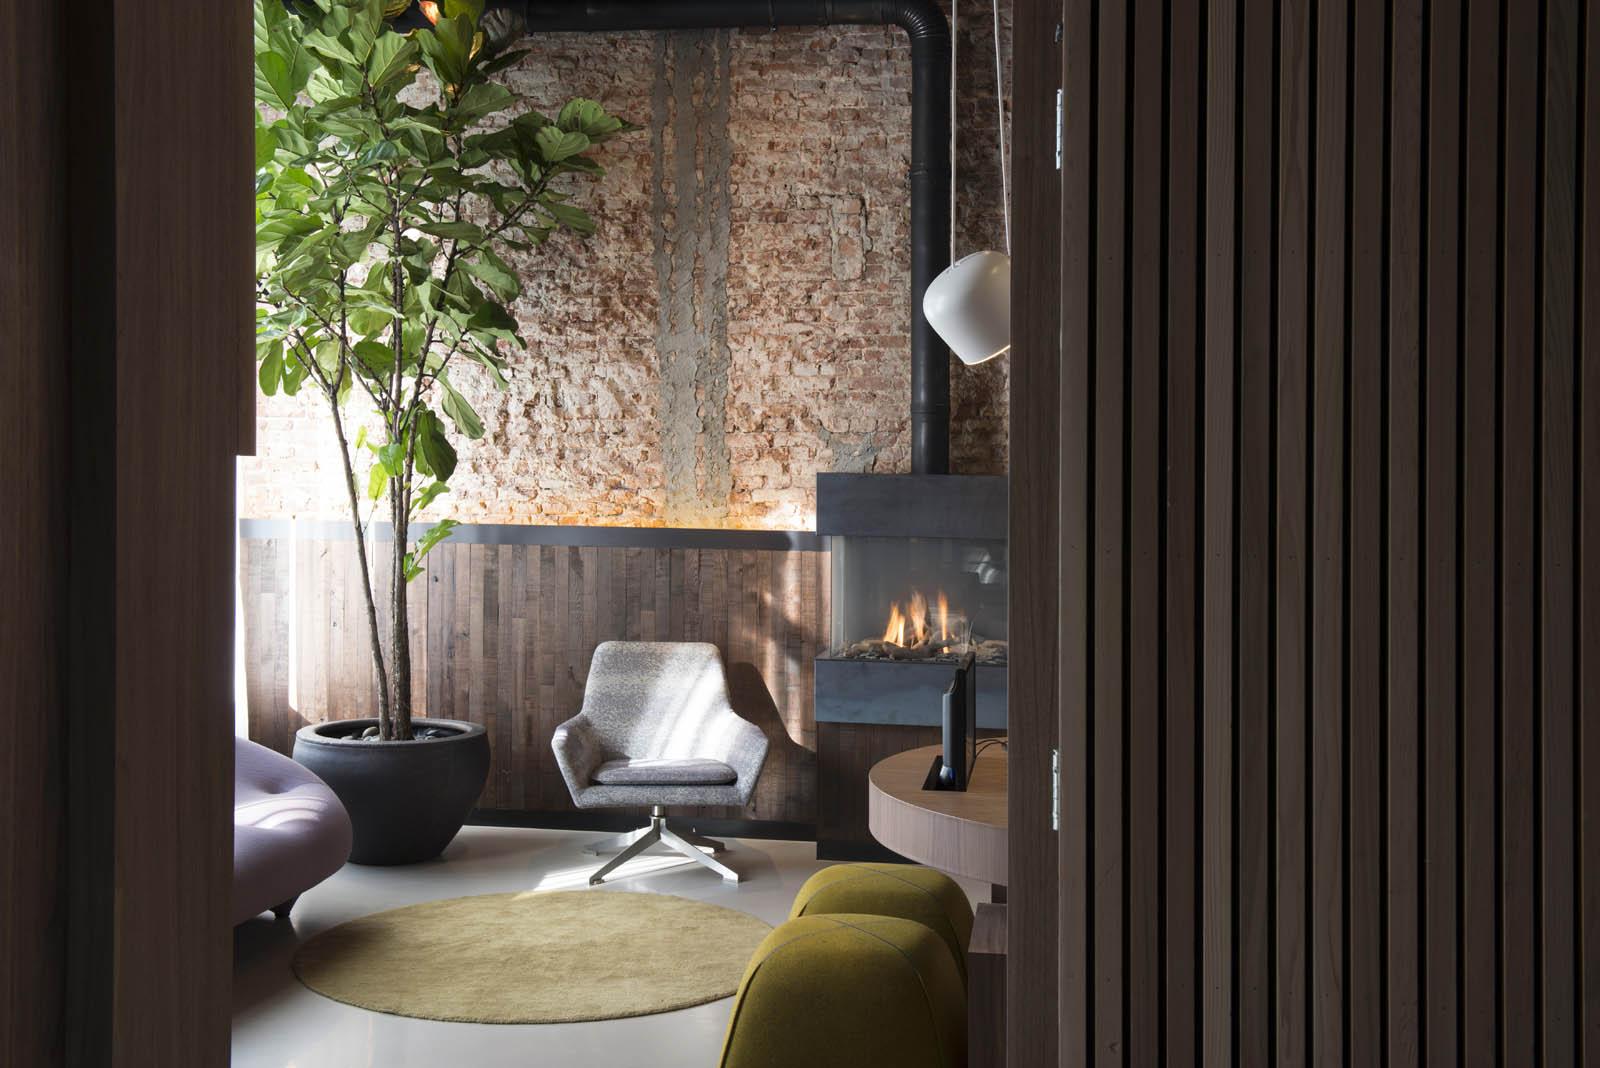 Lobby, Piet hein hotel, by Jeroen de Nijs